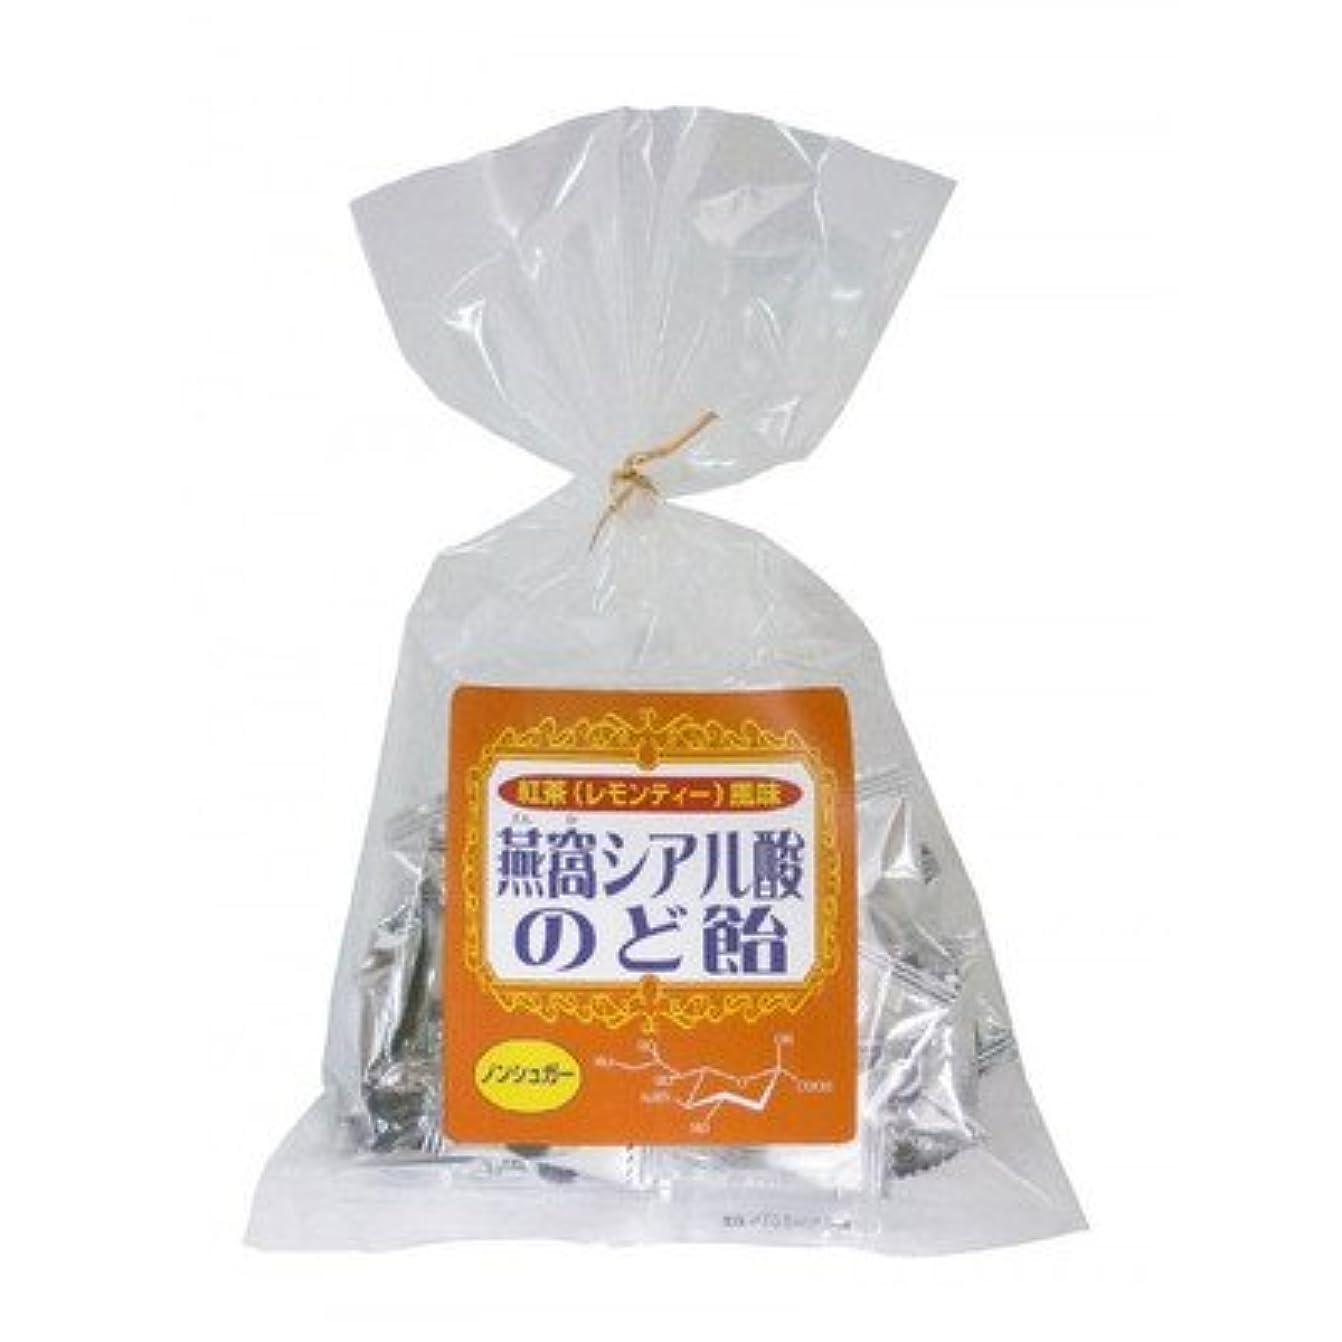 ジャンル男やもめリム燕窩シアル酸のど飴ノンシュガー 紅茶(レモンティー)風味 87g×3袋